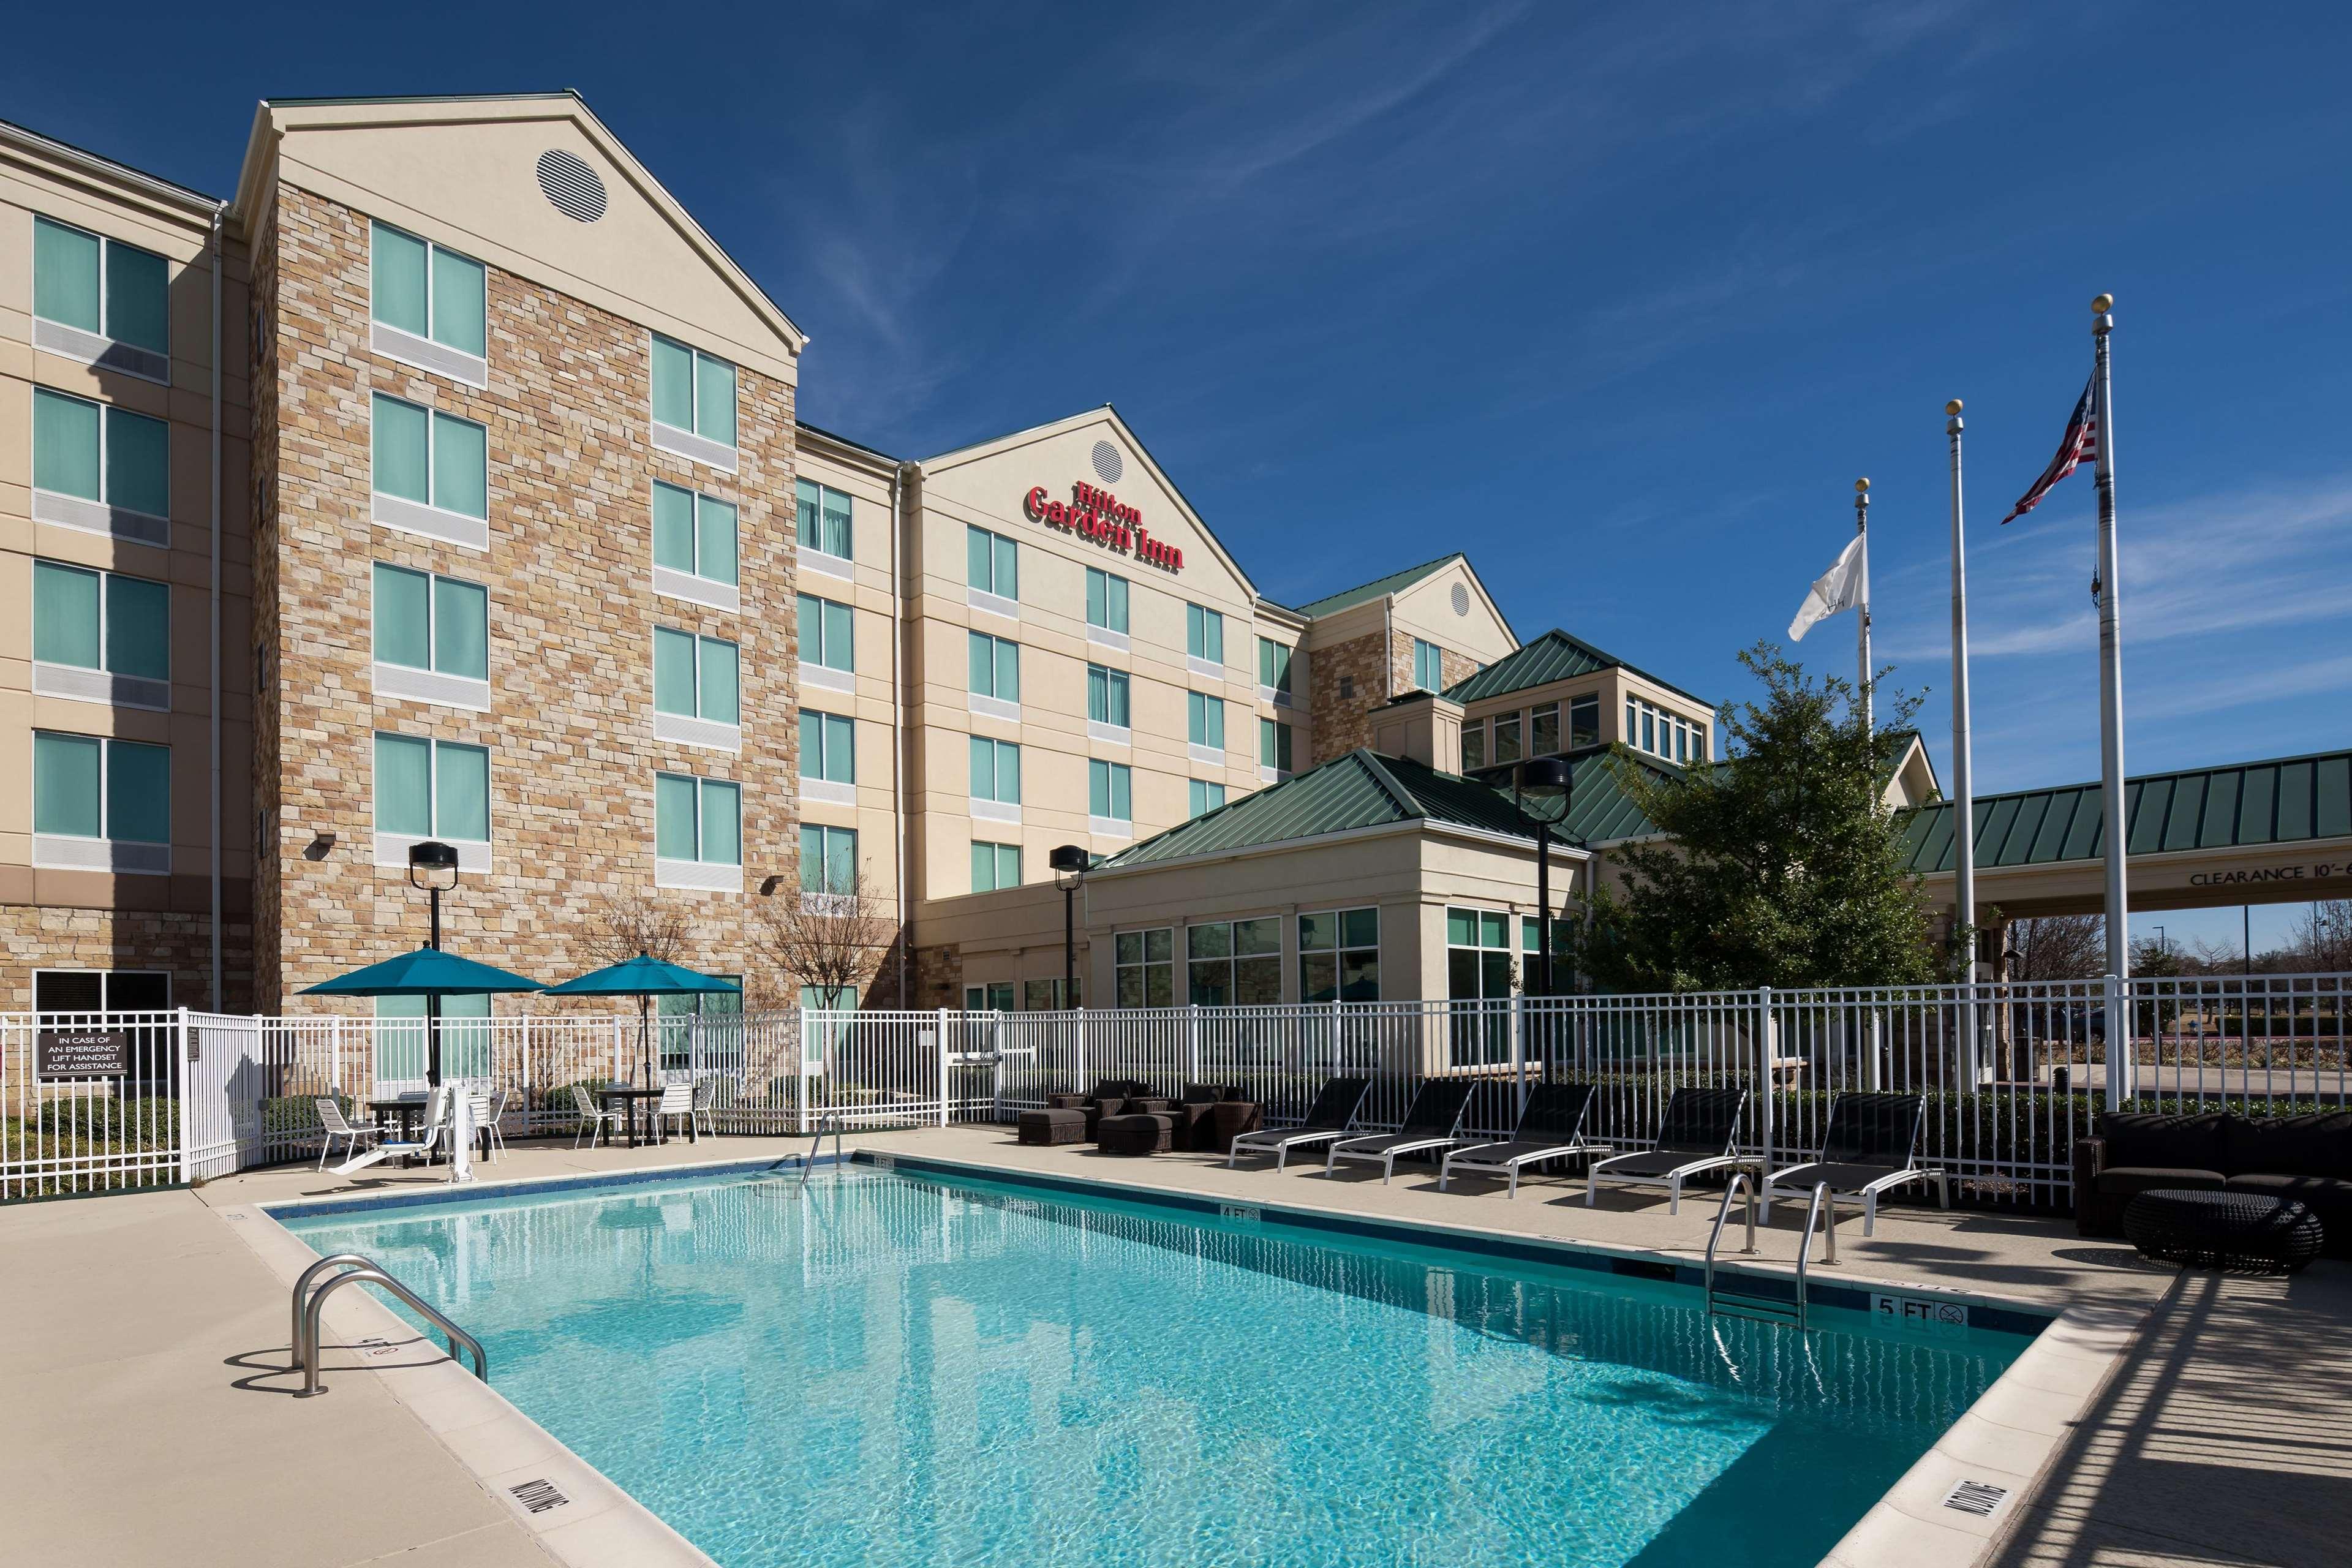 Hilton Garden Inn Frisco image 1